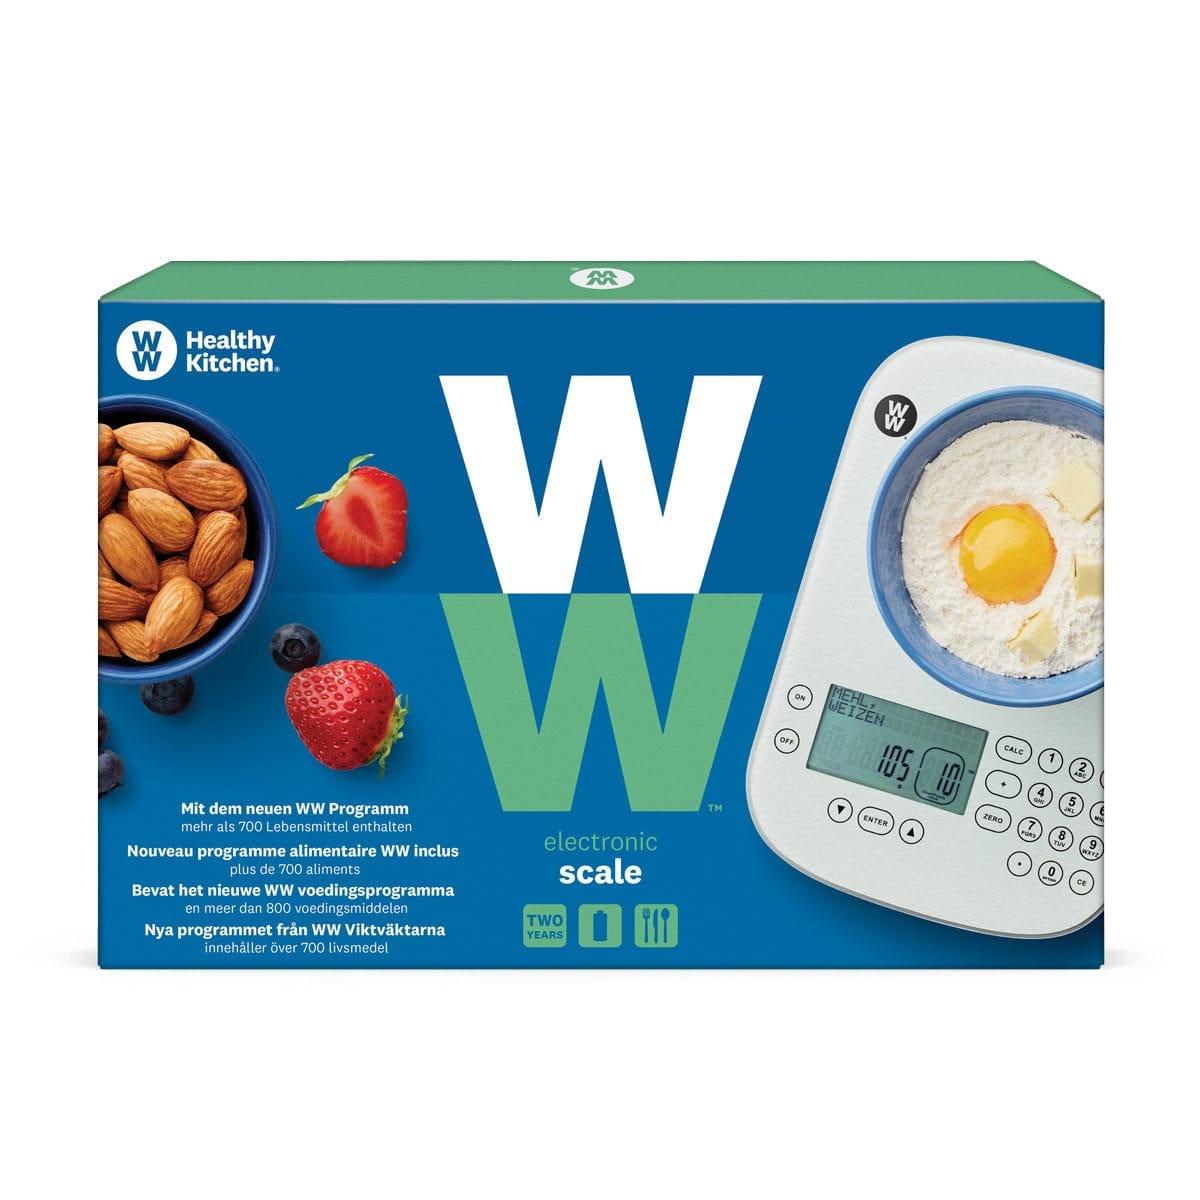 meinWW™ Küchenwaage in blauer und grüner, eckiger Verpackung mit Produktbild